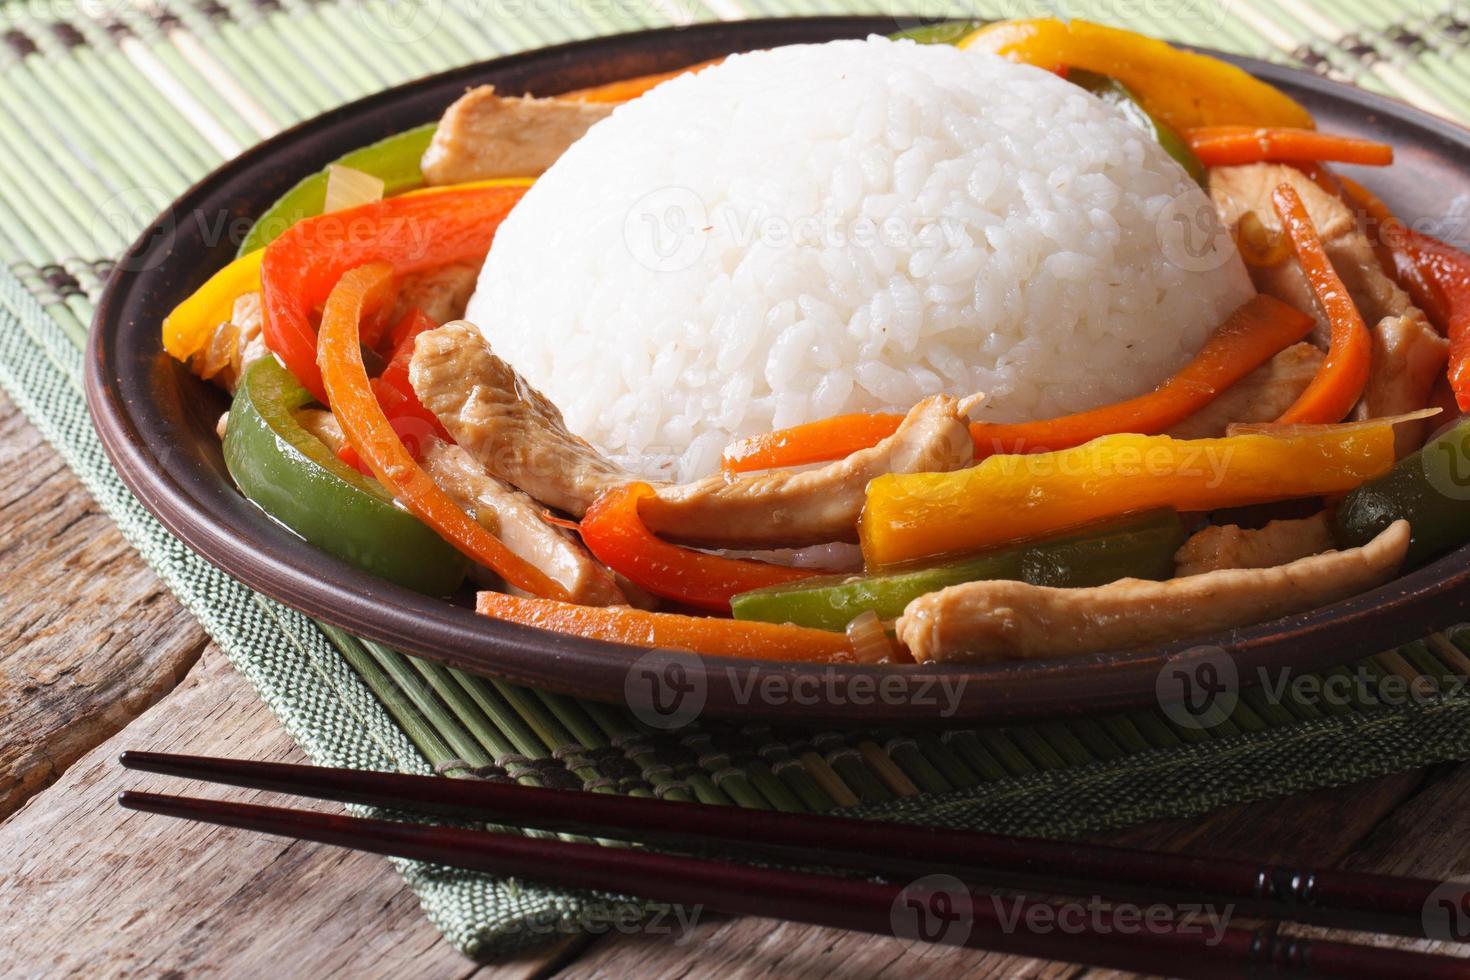 kinesiska ris med kyckling och grönsaker närbild på en tallrik foto